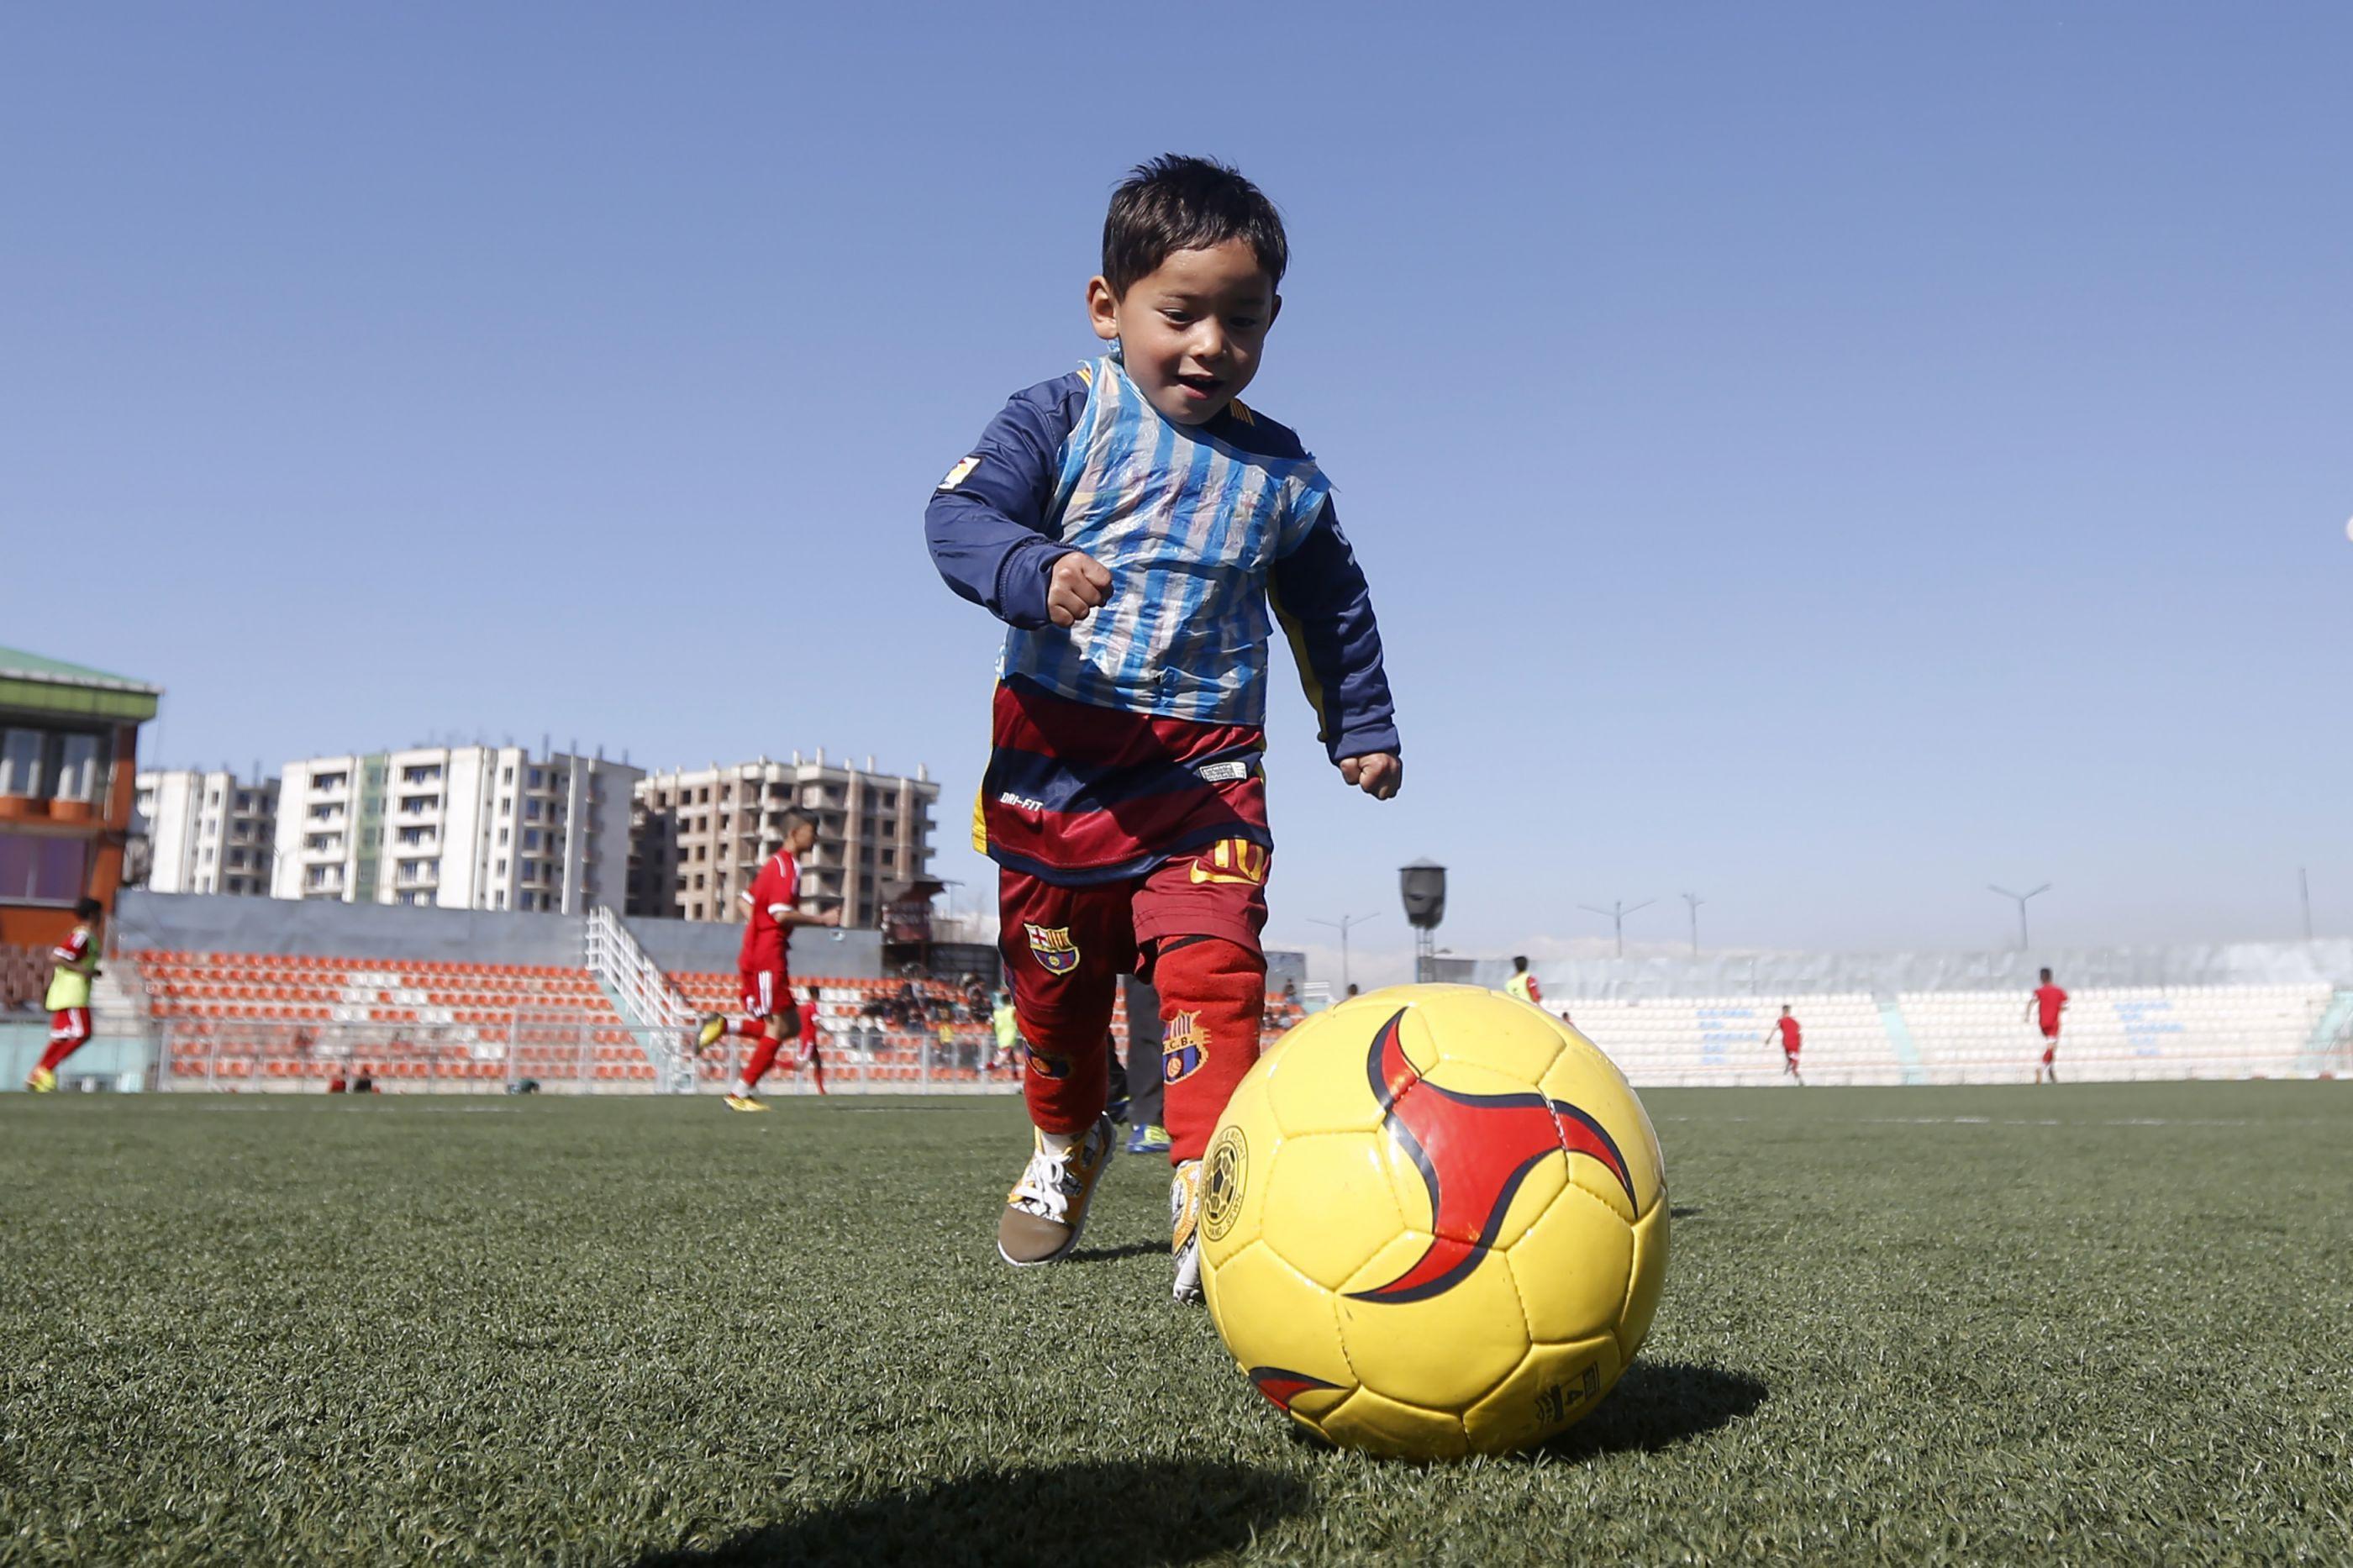 A guerra expulsou de casa o menino afegão famoso pela camisola de Messi